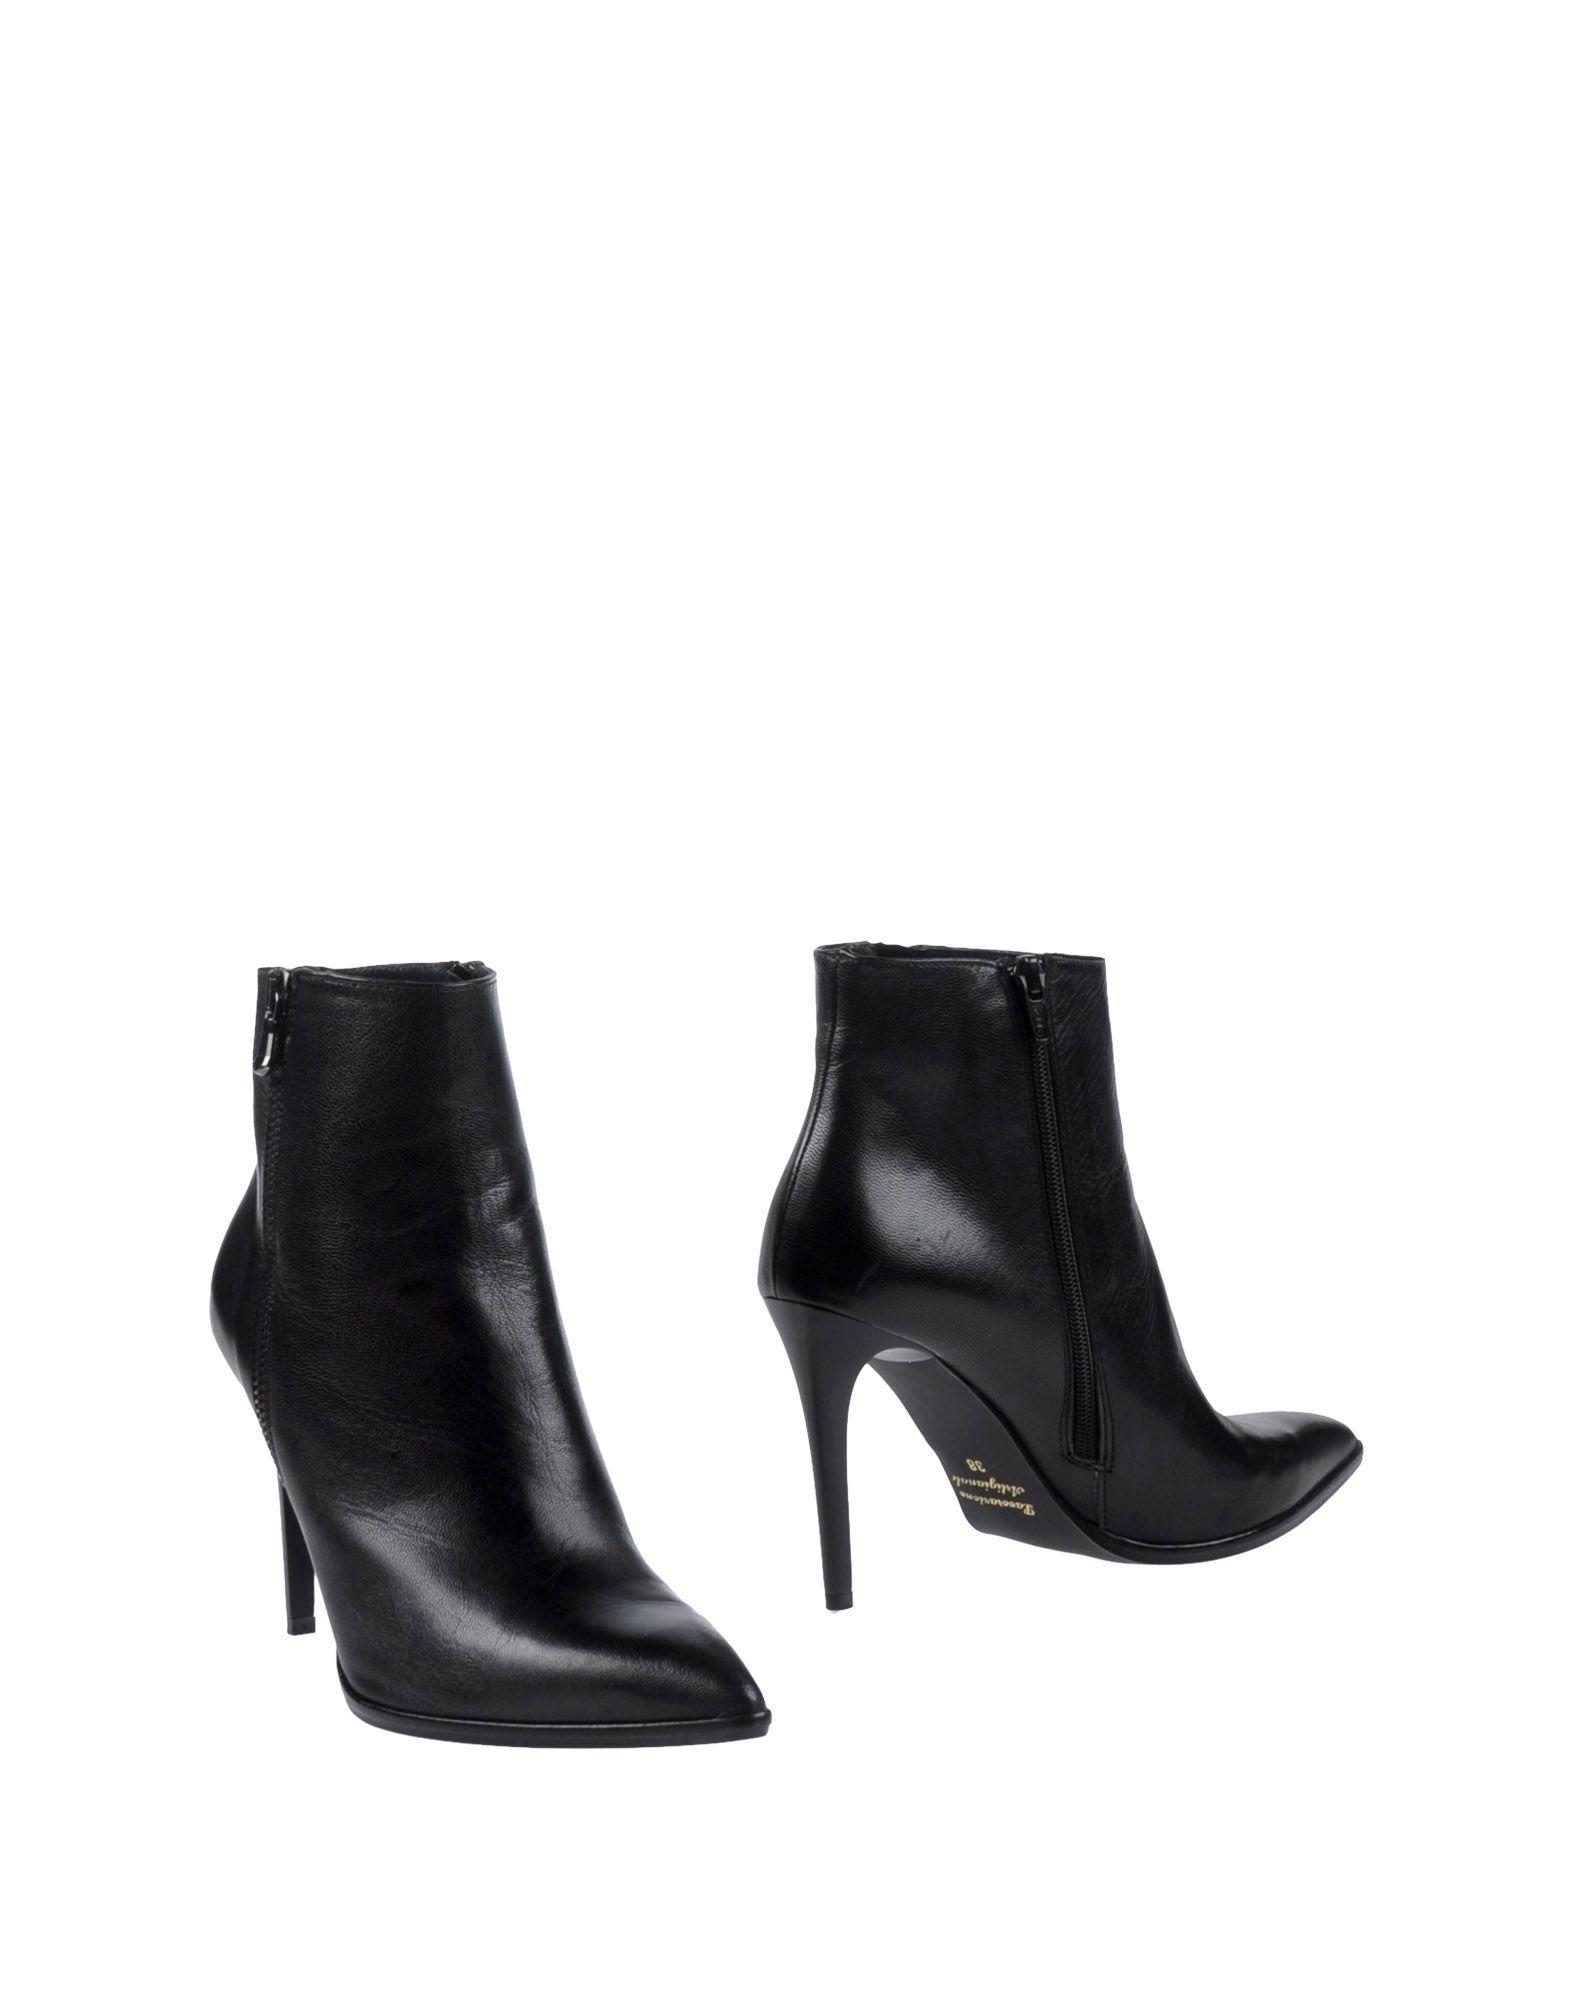 Unlace Stiefelette Damen  11038699LN Gute Qualität beliebte Schuhe